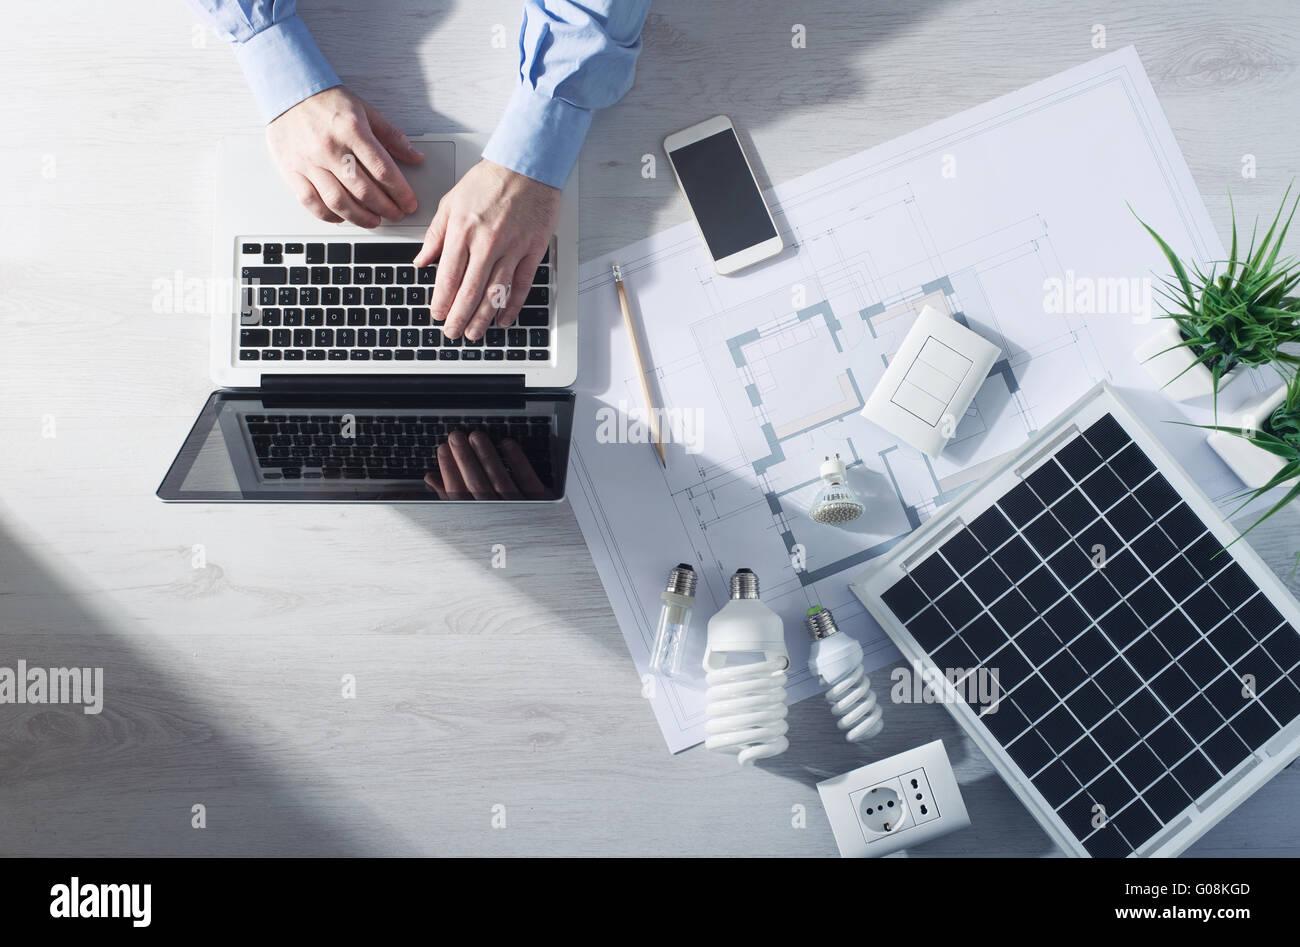 L'homme travaillant à son bureau sur un ordinateur portable avec l'économie d'énergie Photo Stock